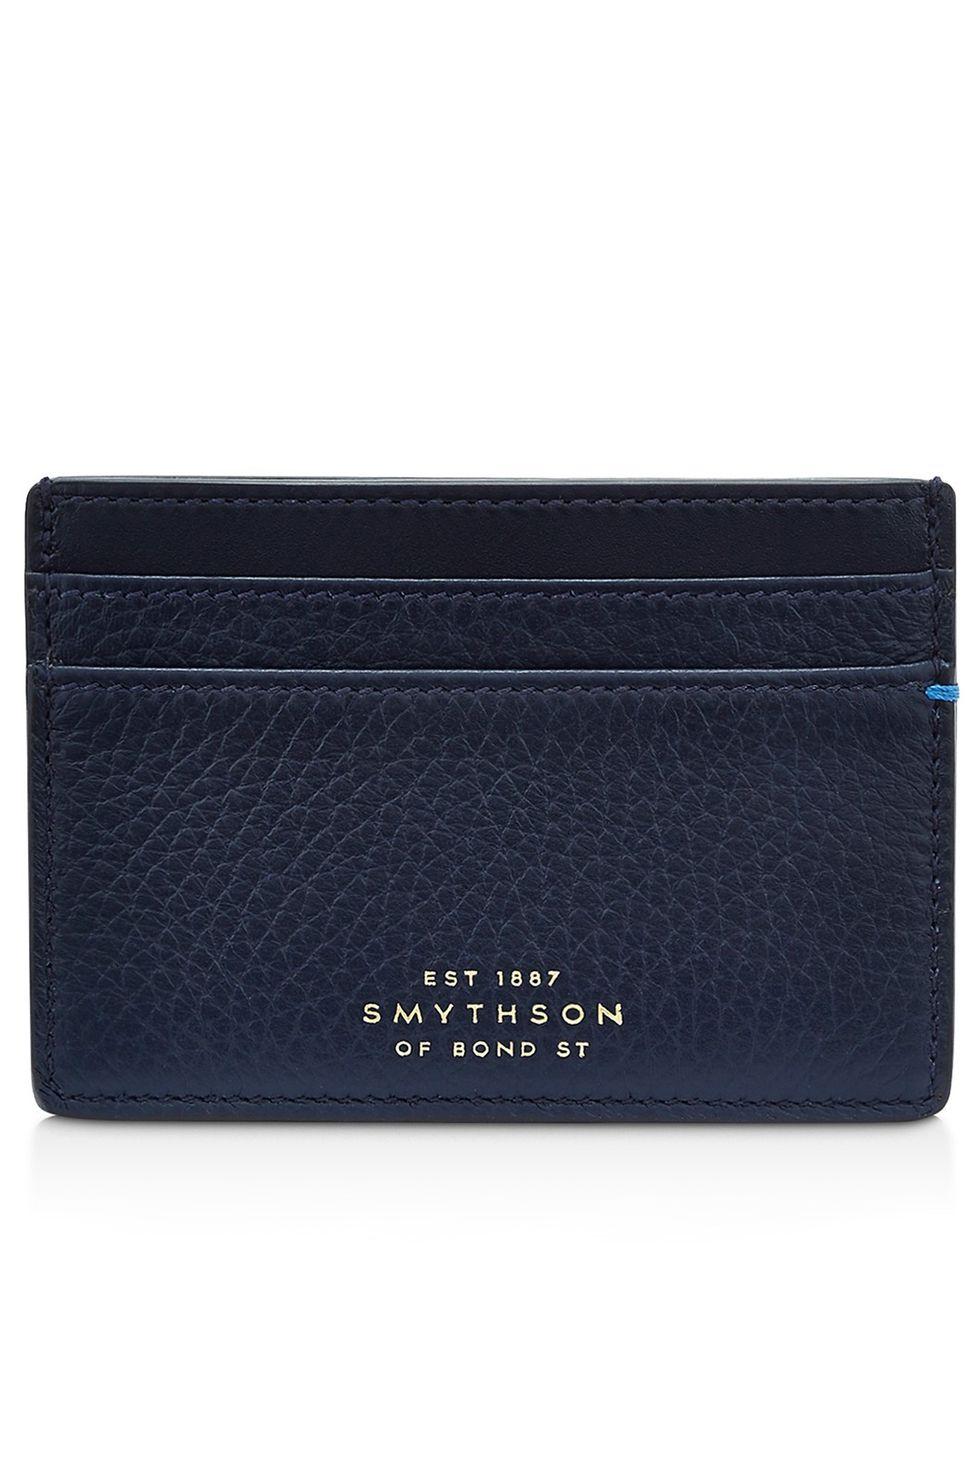 smythson-1508366881